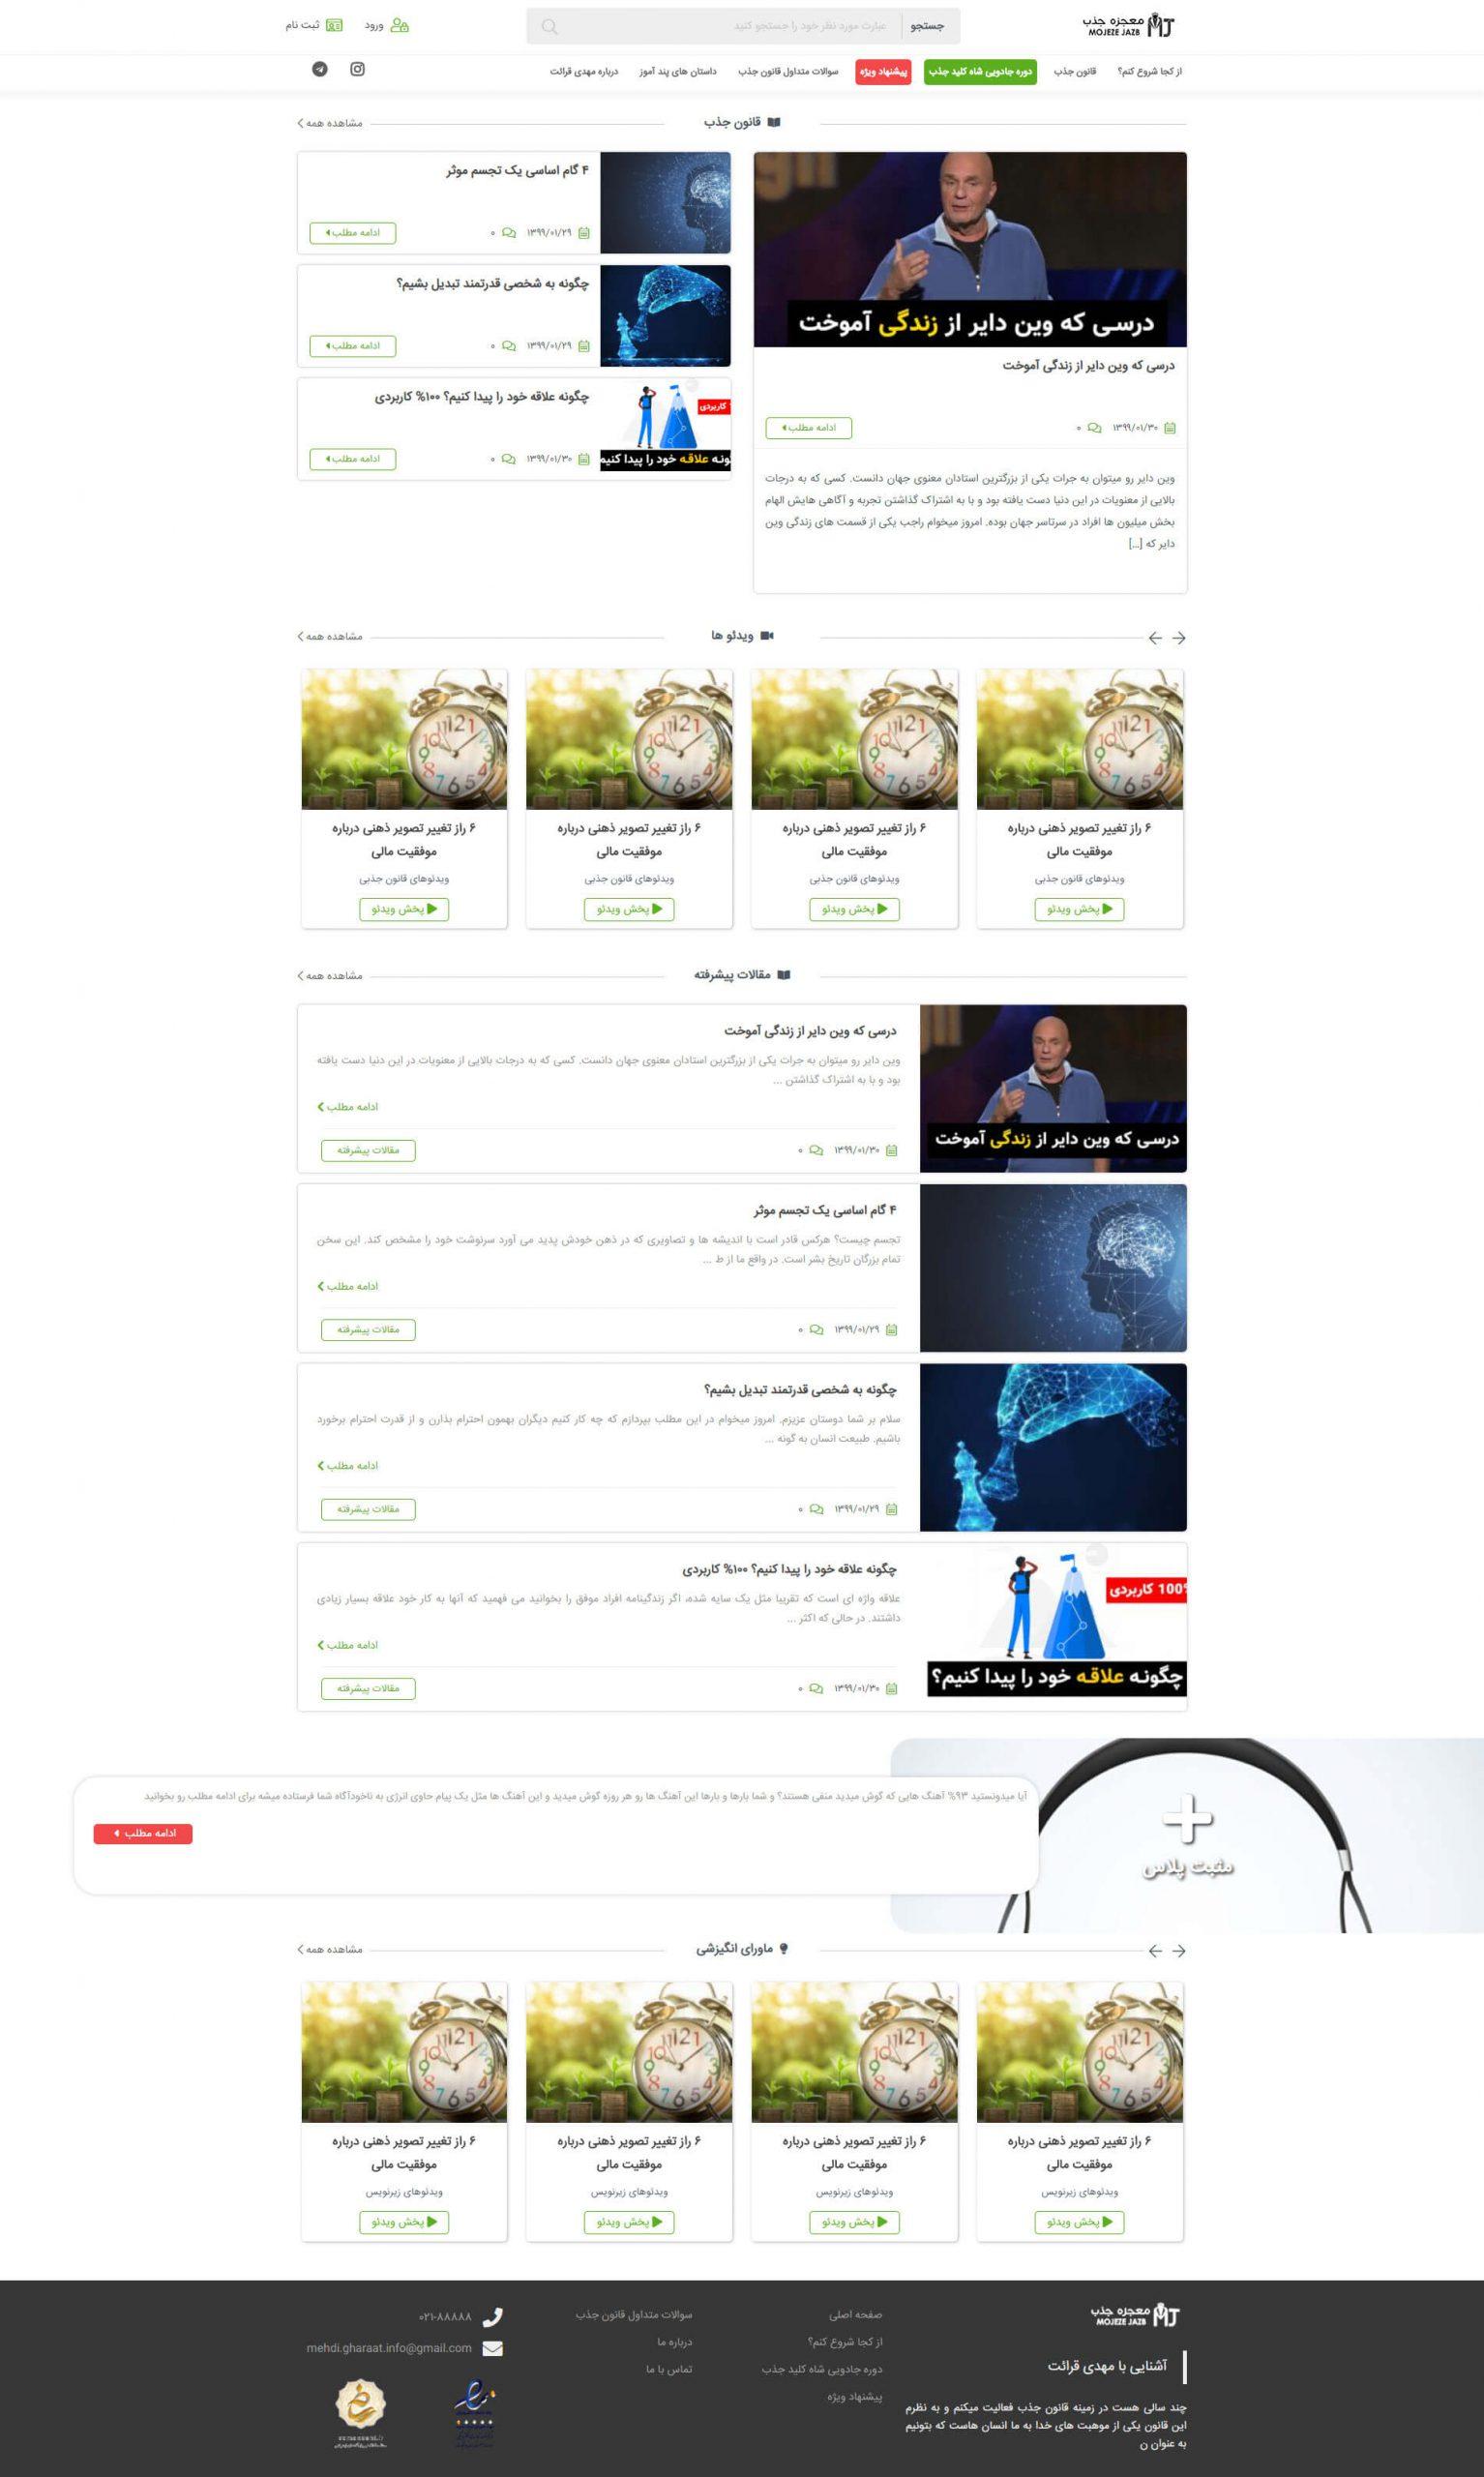 طراحی سایت آموزشی,طراحی سایت آموزشی در قم,طراحی سایت در قم